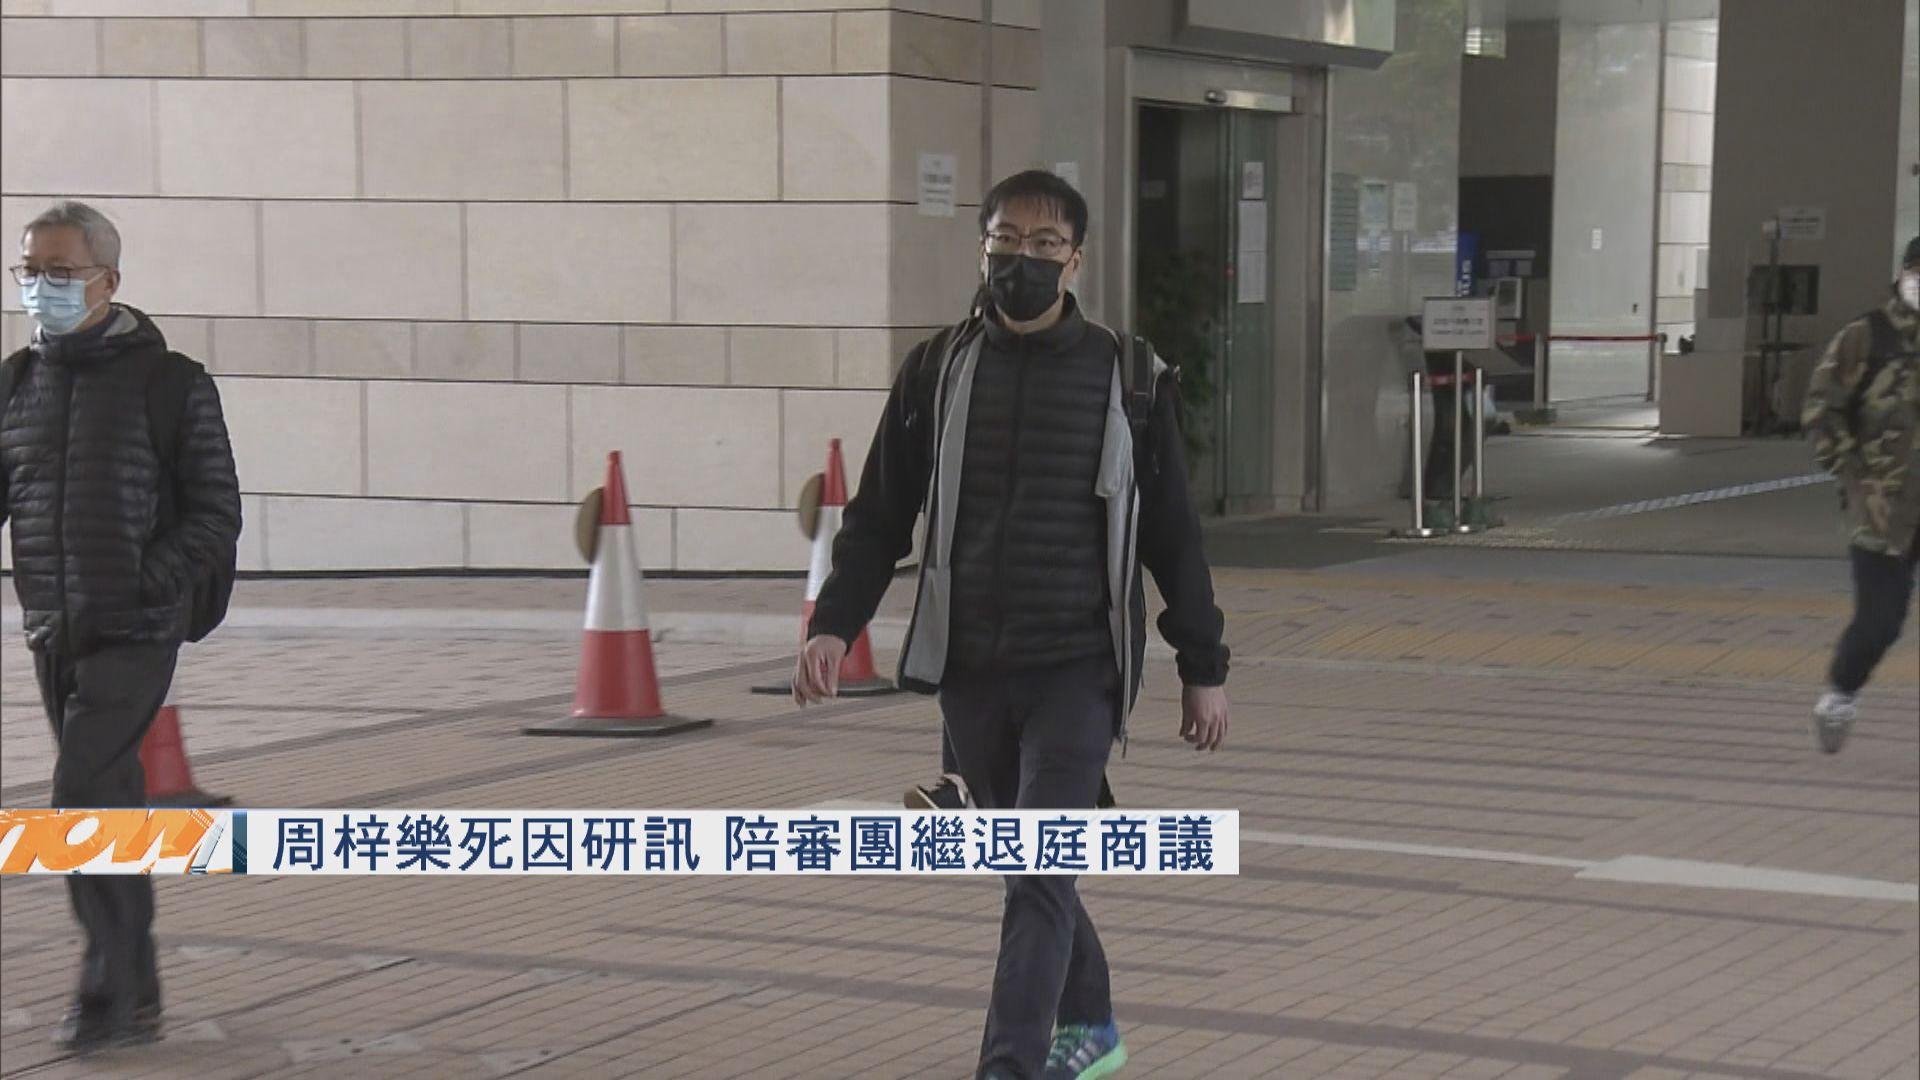 周梓樂死因研訊 陪審團繼續退庭商議